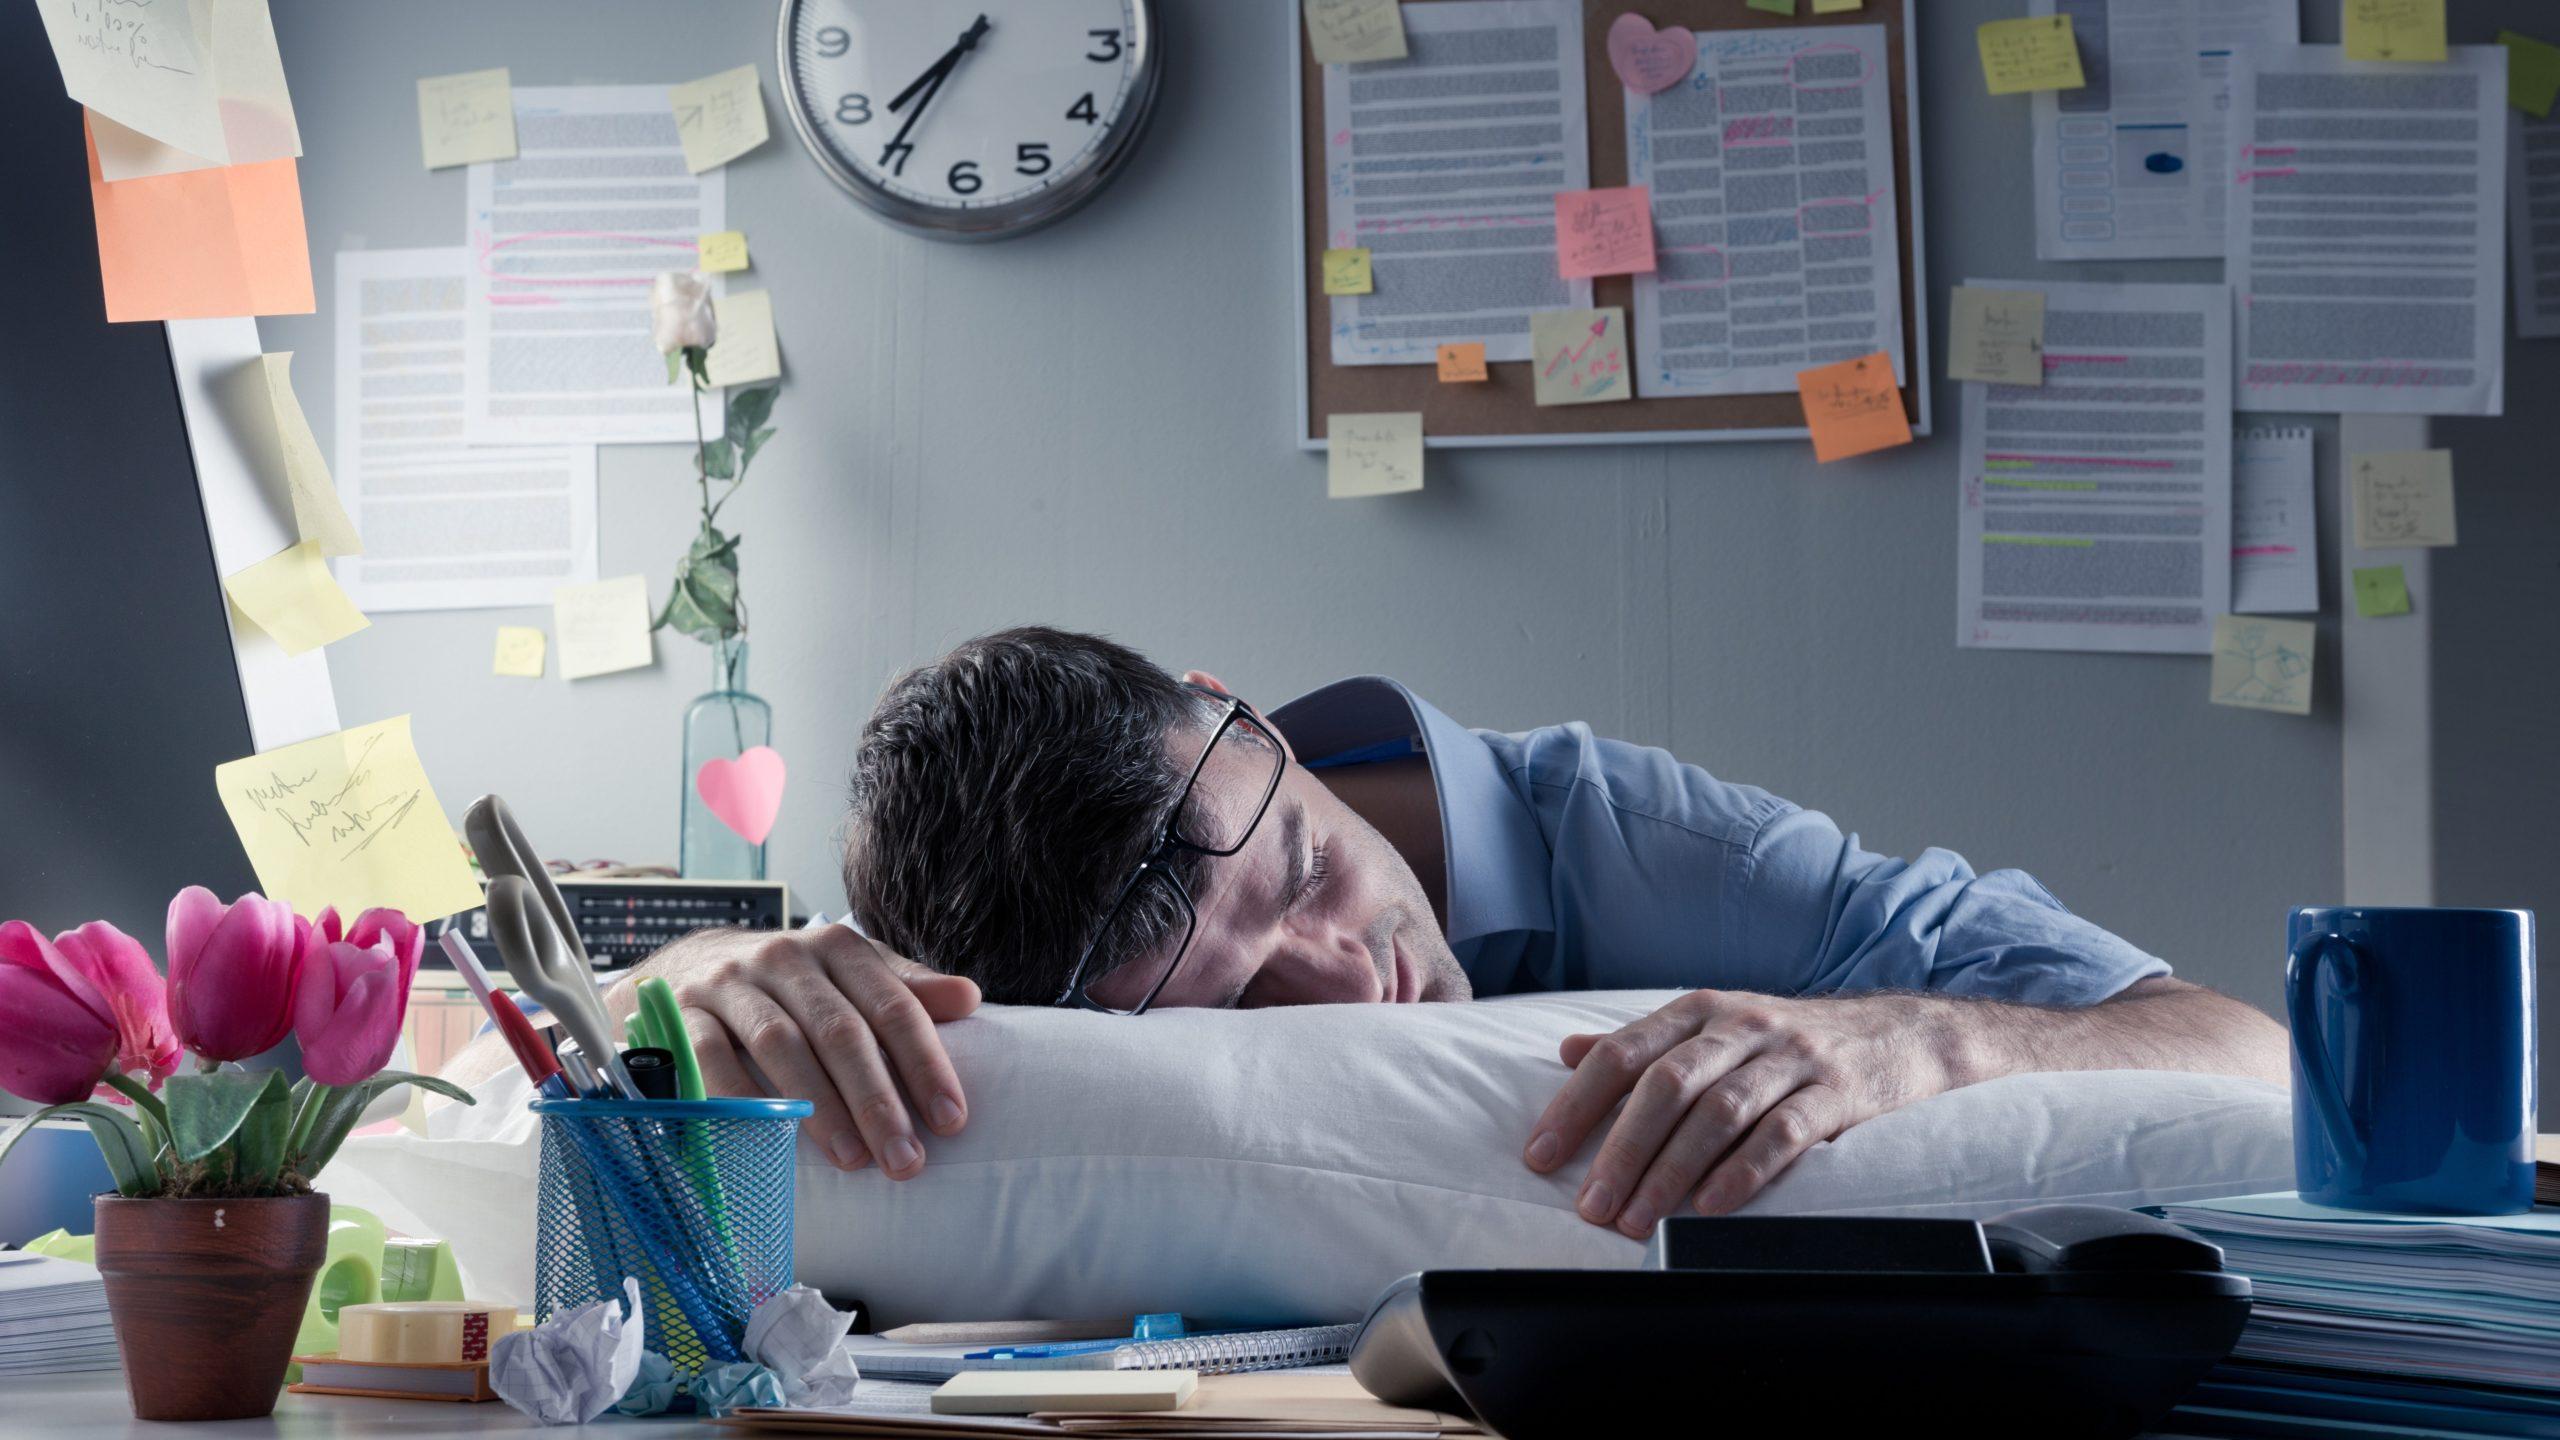 Cómo mantener un horario de sueño saludable cuando trabaja de forma remota